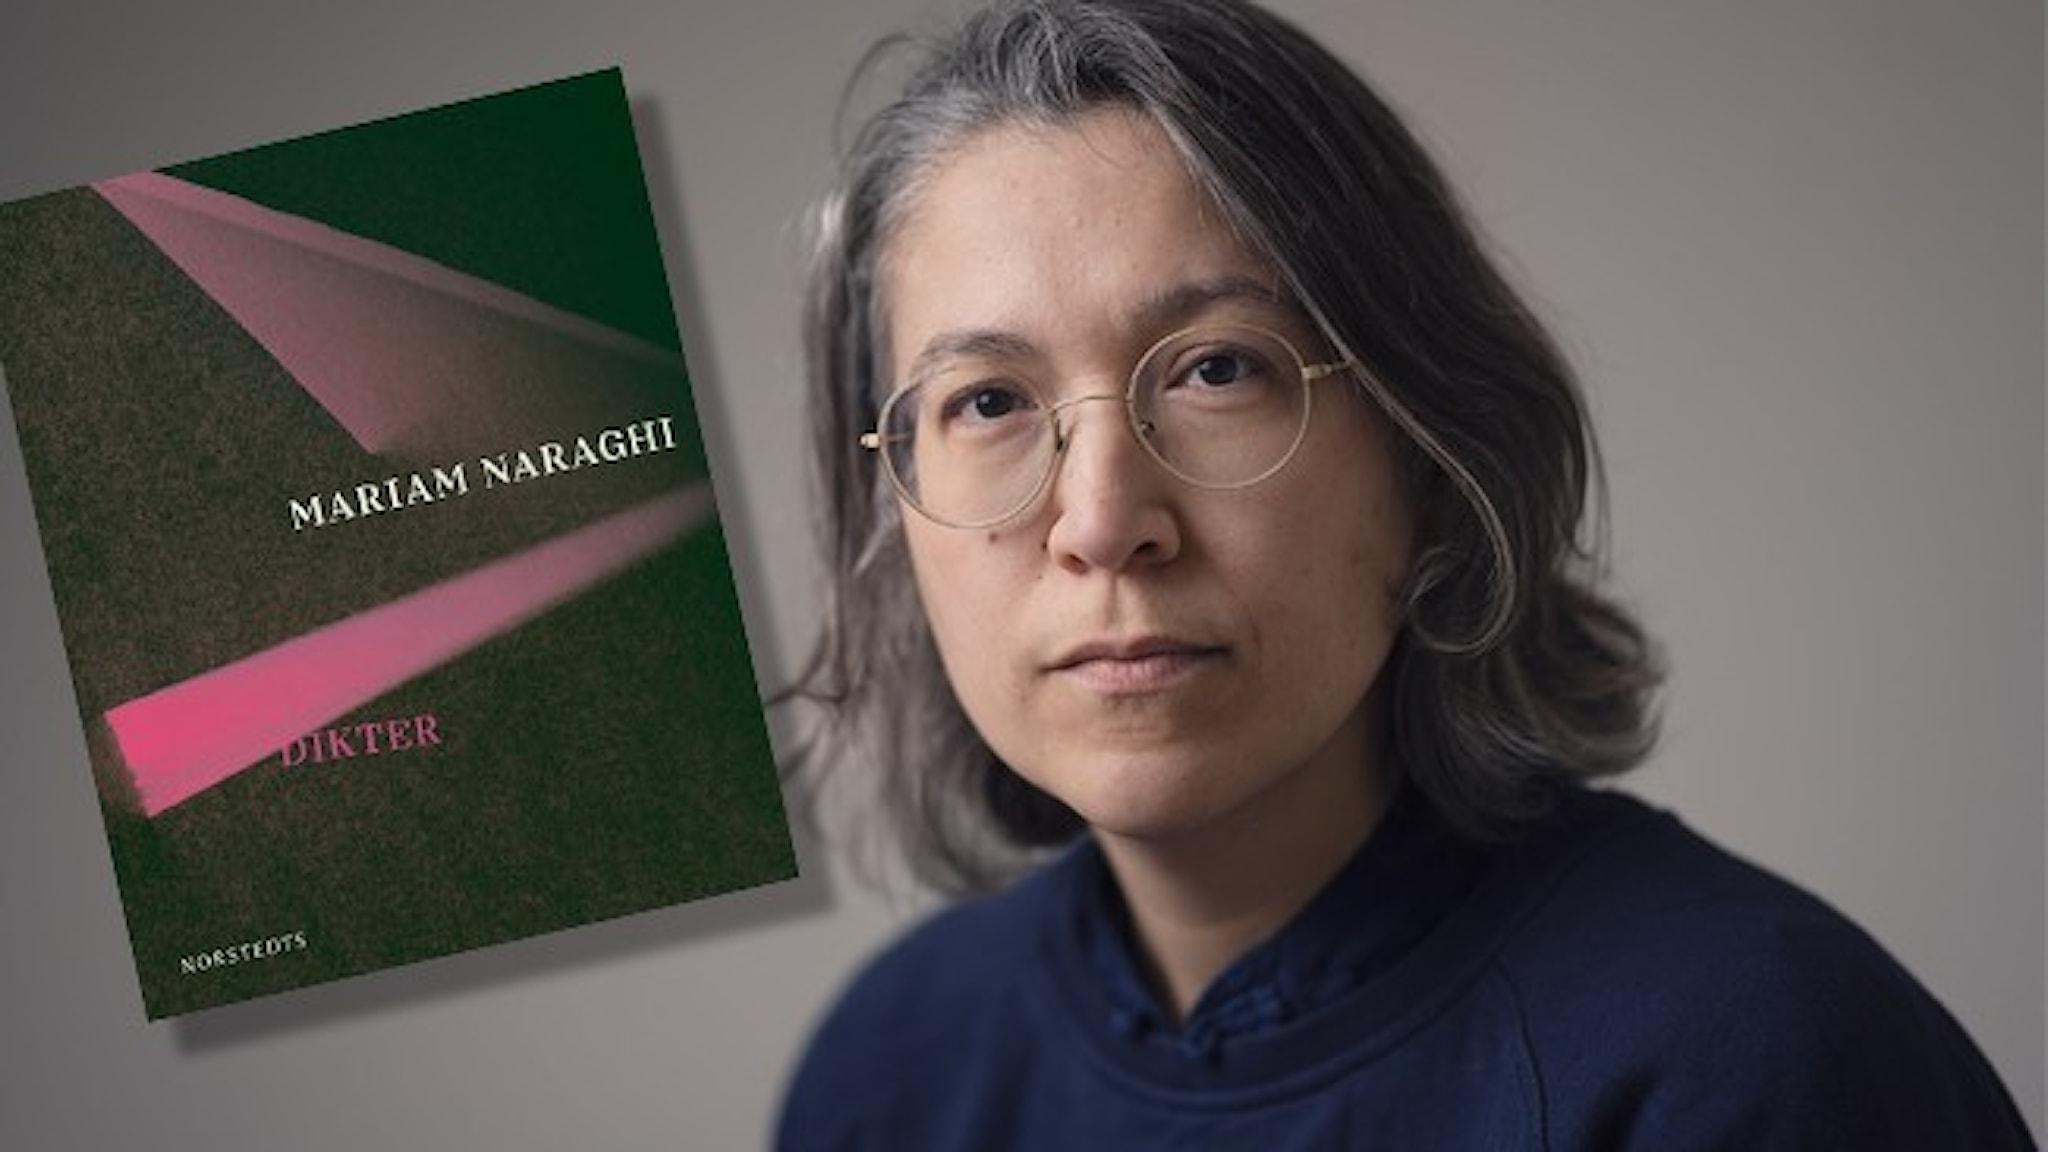 """Porträtt av författare Mariam Naraghi framför neutral bakgrund. Infällt är omslaget till hennes bok """"Dikter""""."""